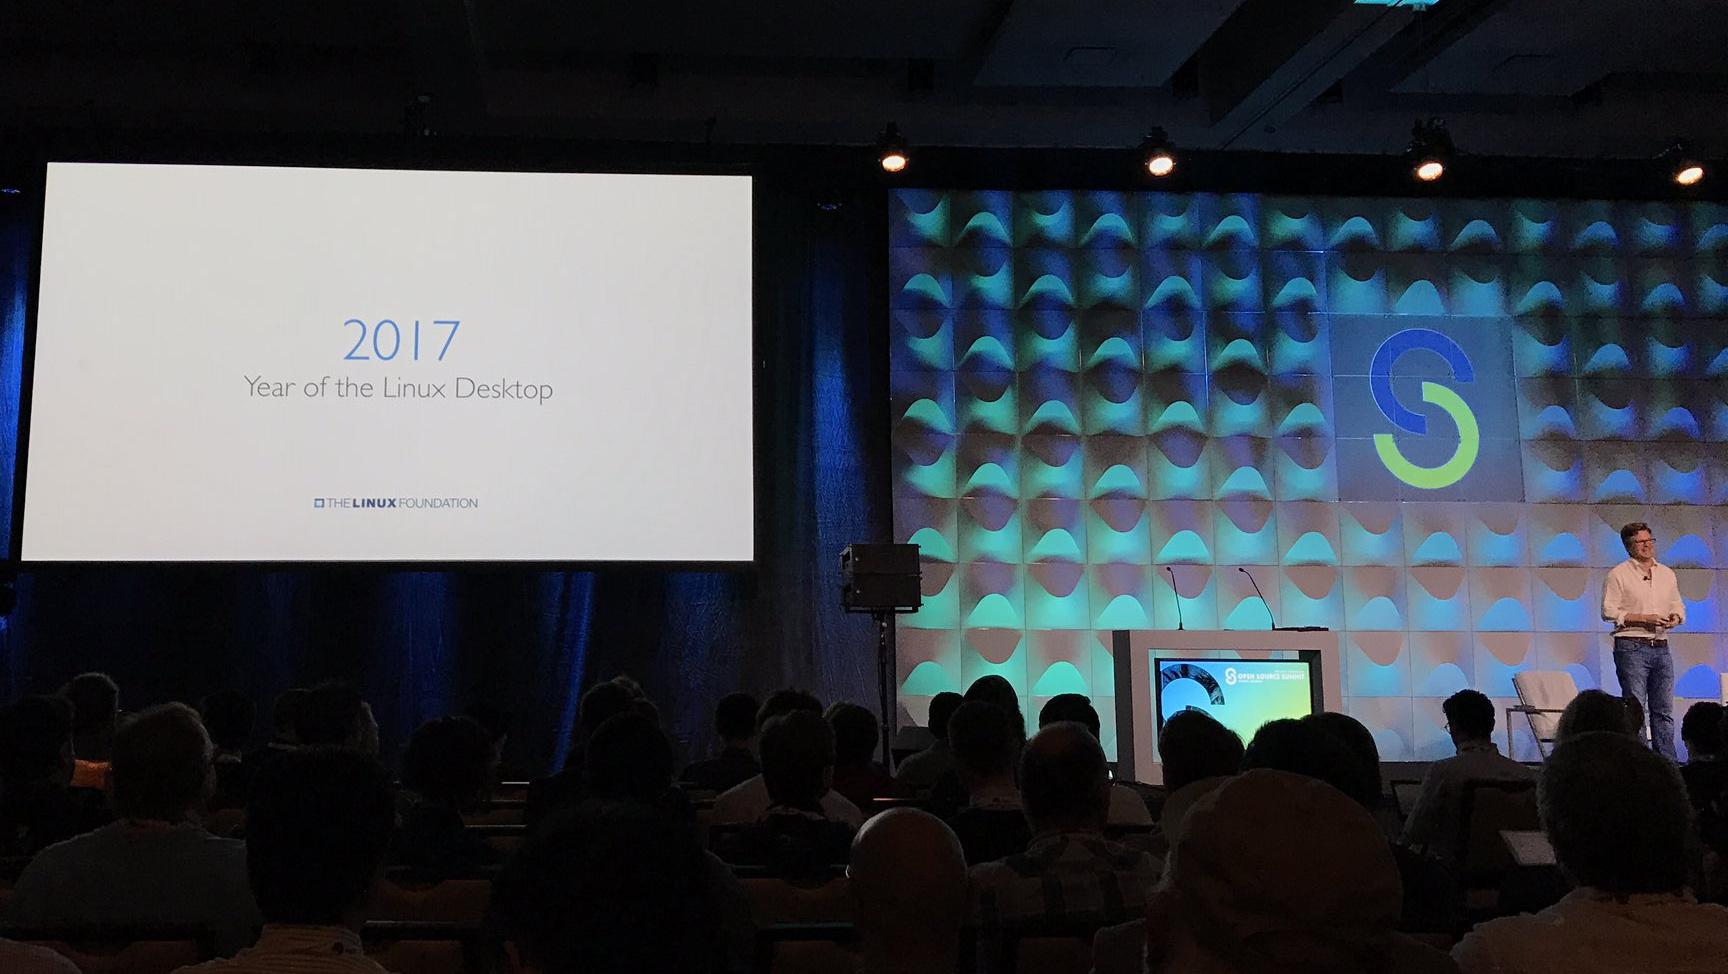 Директор Linux Foundation использует Mac OS X, анонсируя «год Linux на десктопах»